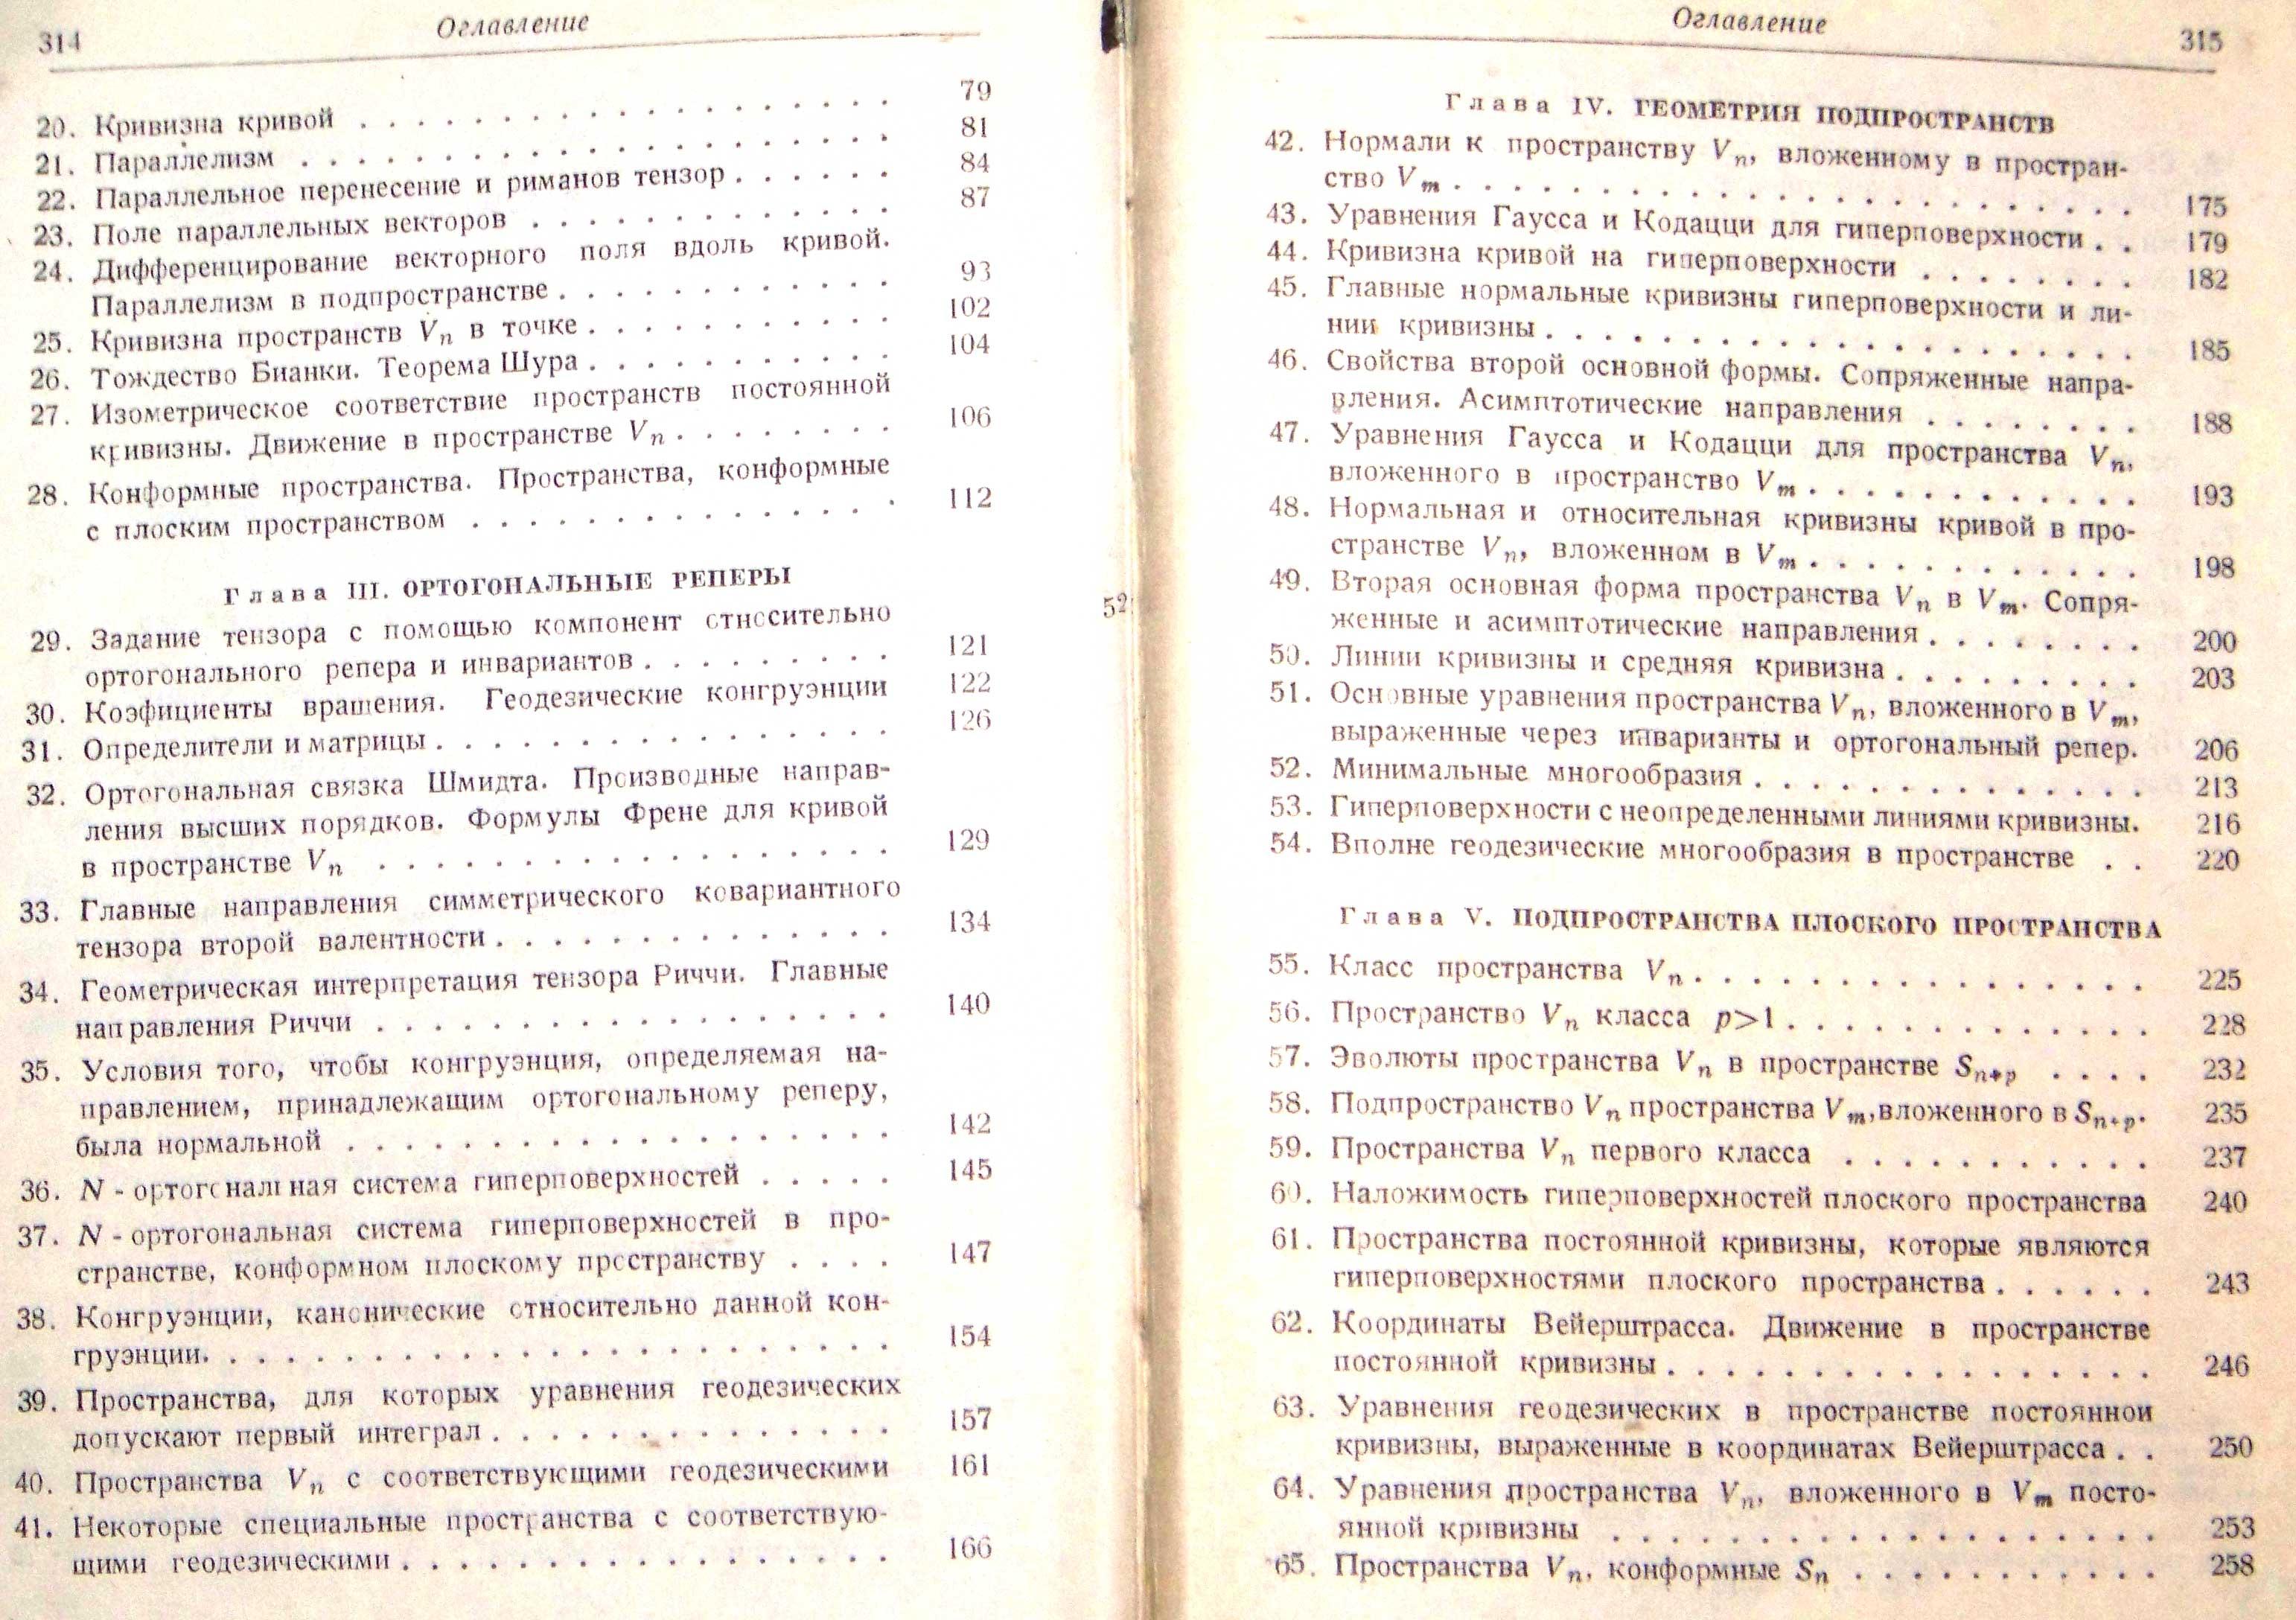 Гдз по русскому 5 класс купалова учебник